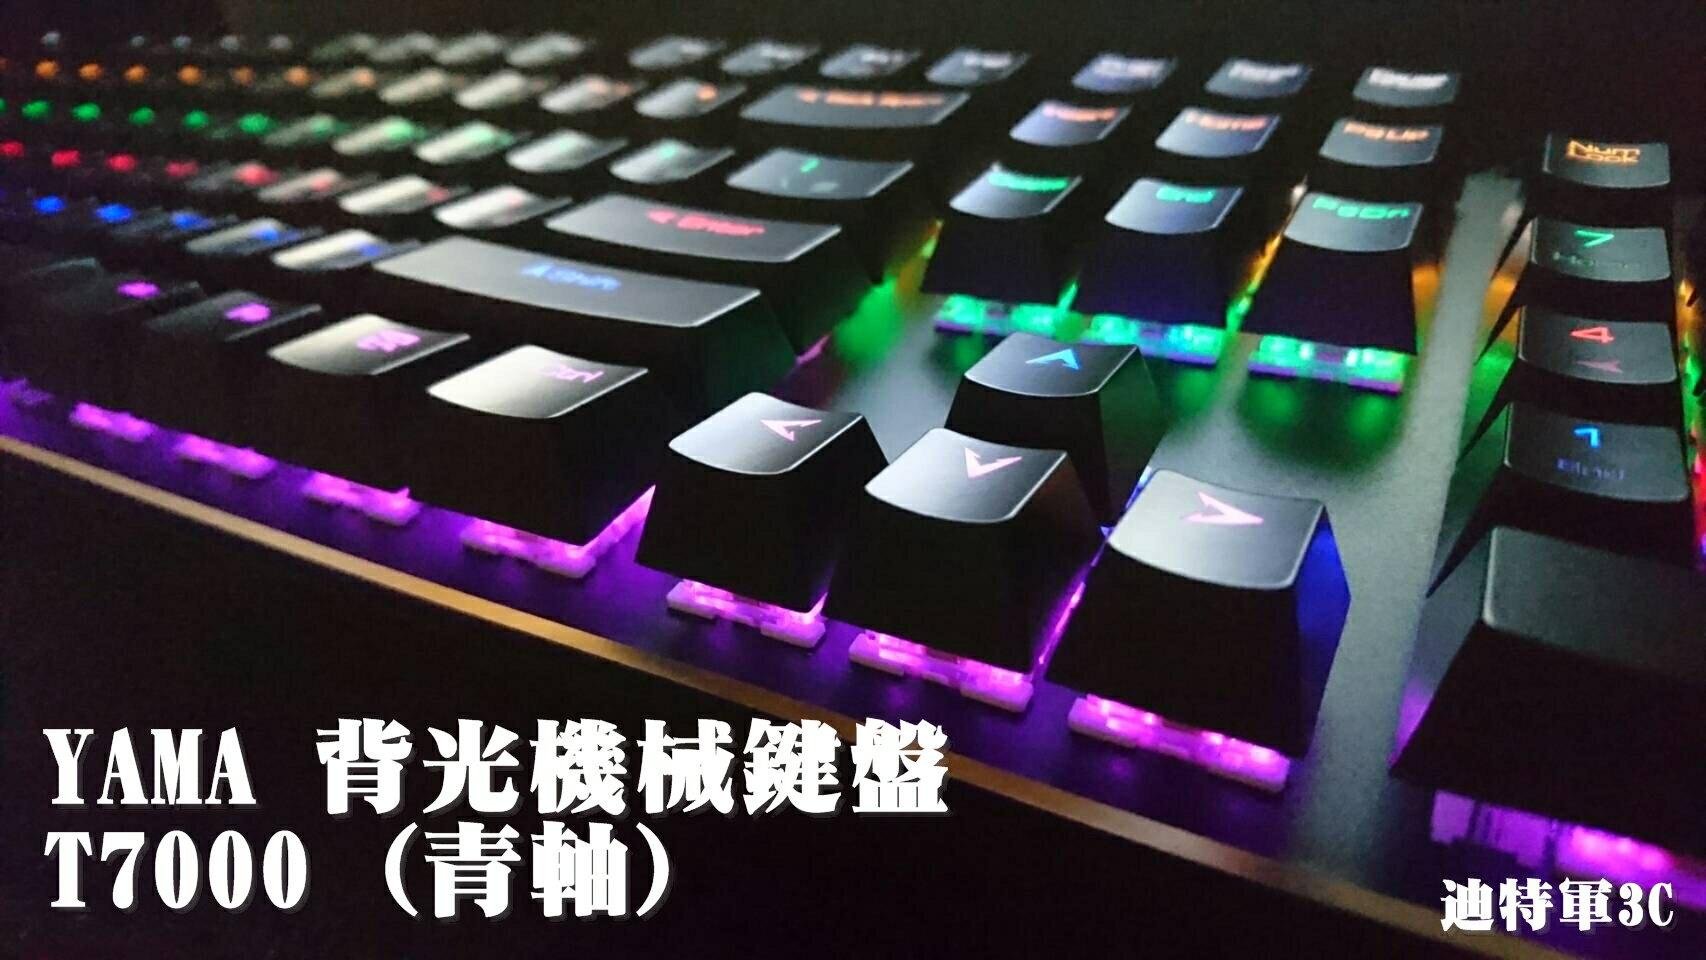 【預購】拆箱可超取【迪特軍3C】YAMA T7000 機械式鍵盤 (青軸) 知名大廠軸承 六種背光效果自由切換 贈G3耳機或滑鼠+鼠墊